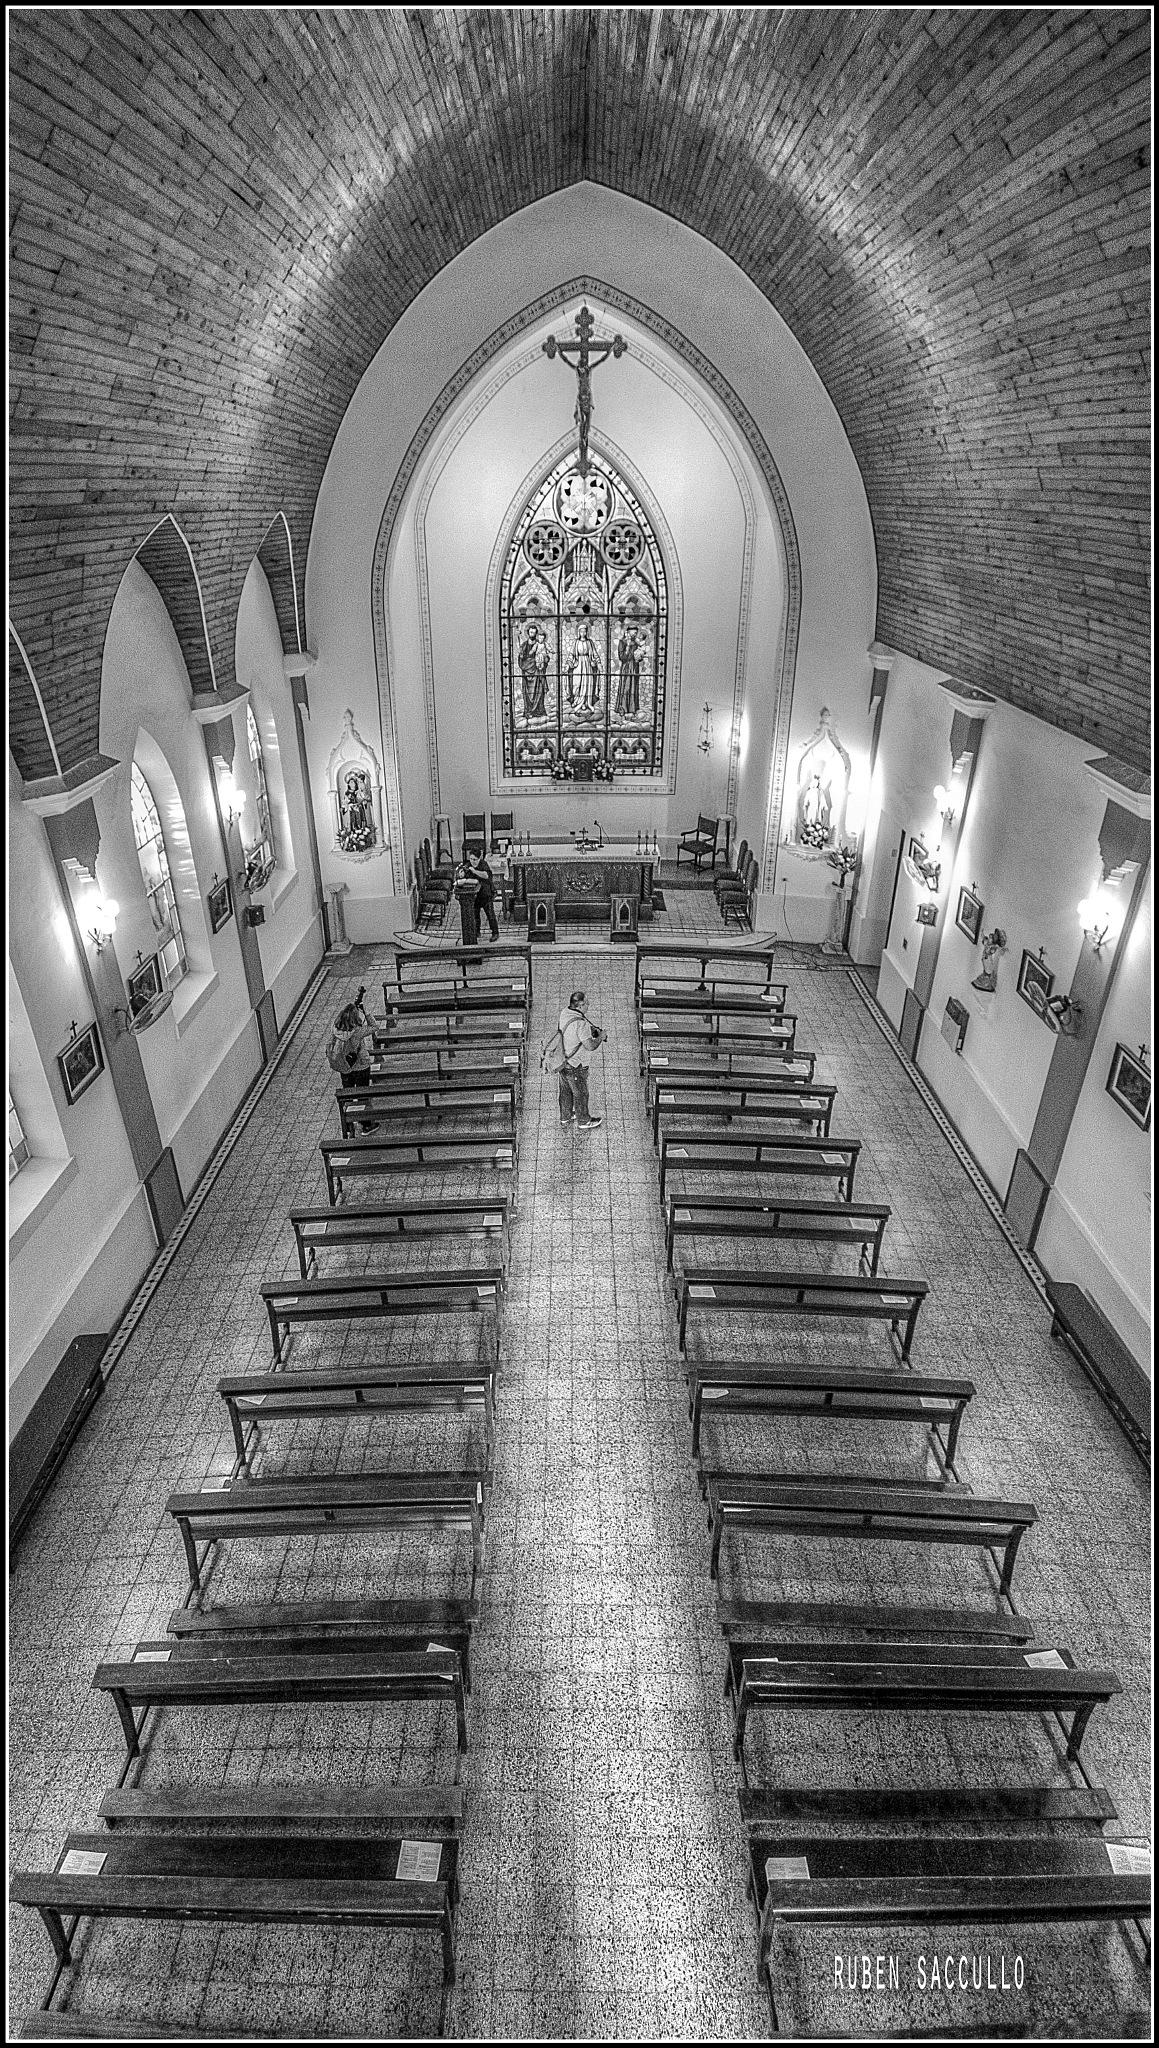 Iglesia en Ingeniero Maschwitz by ruben.saccullo